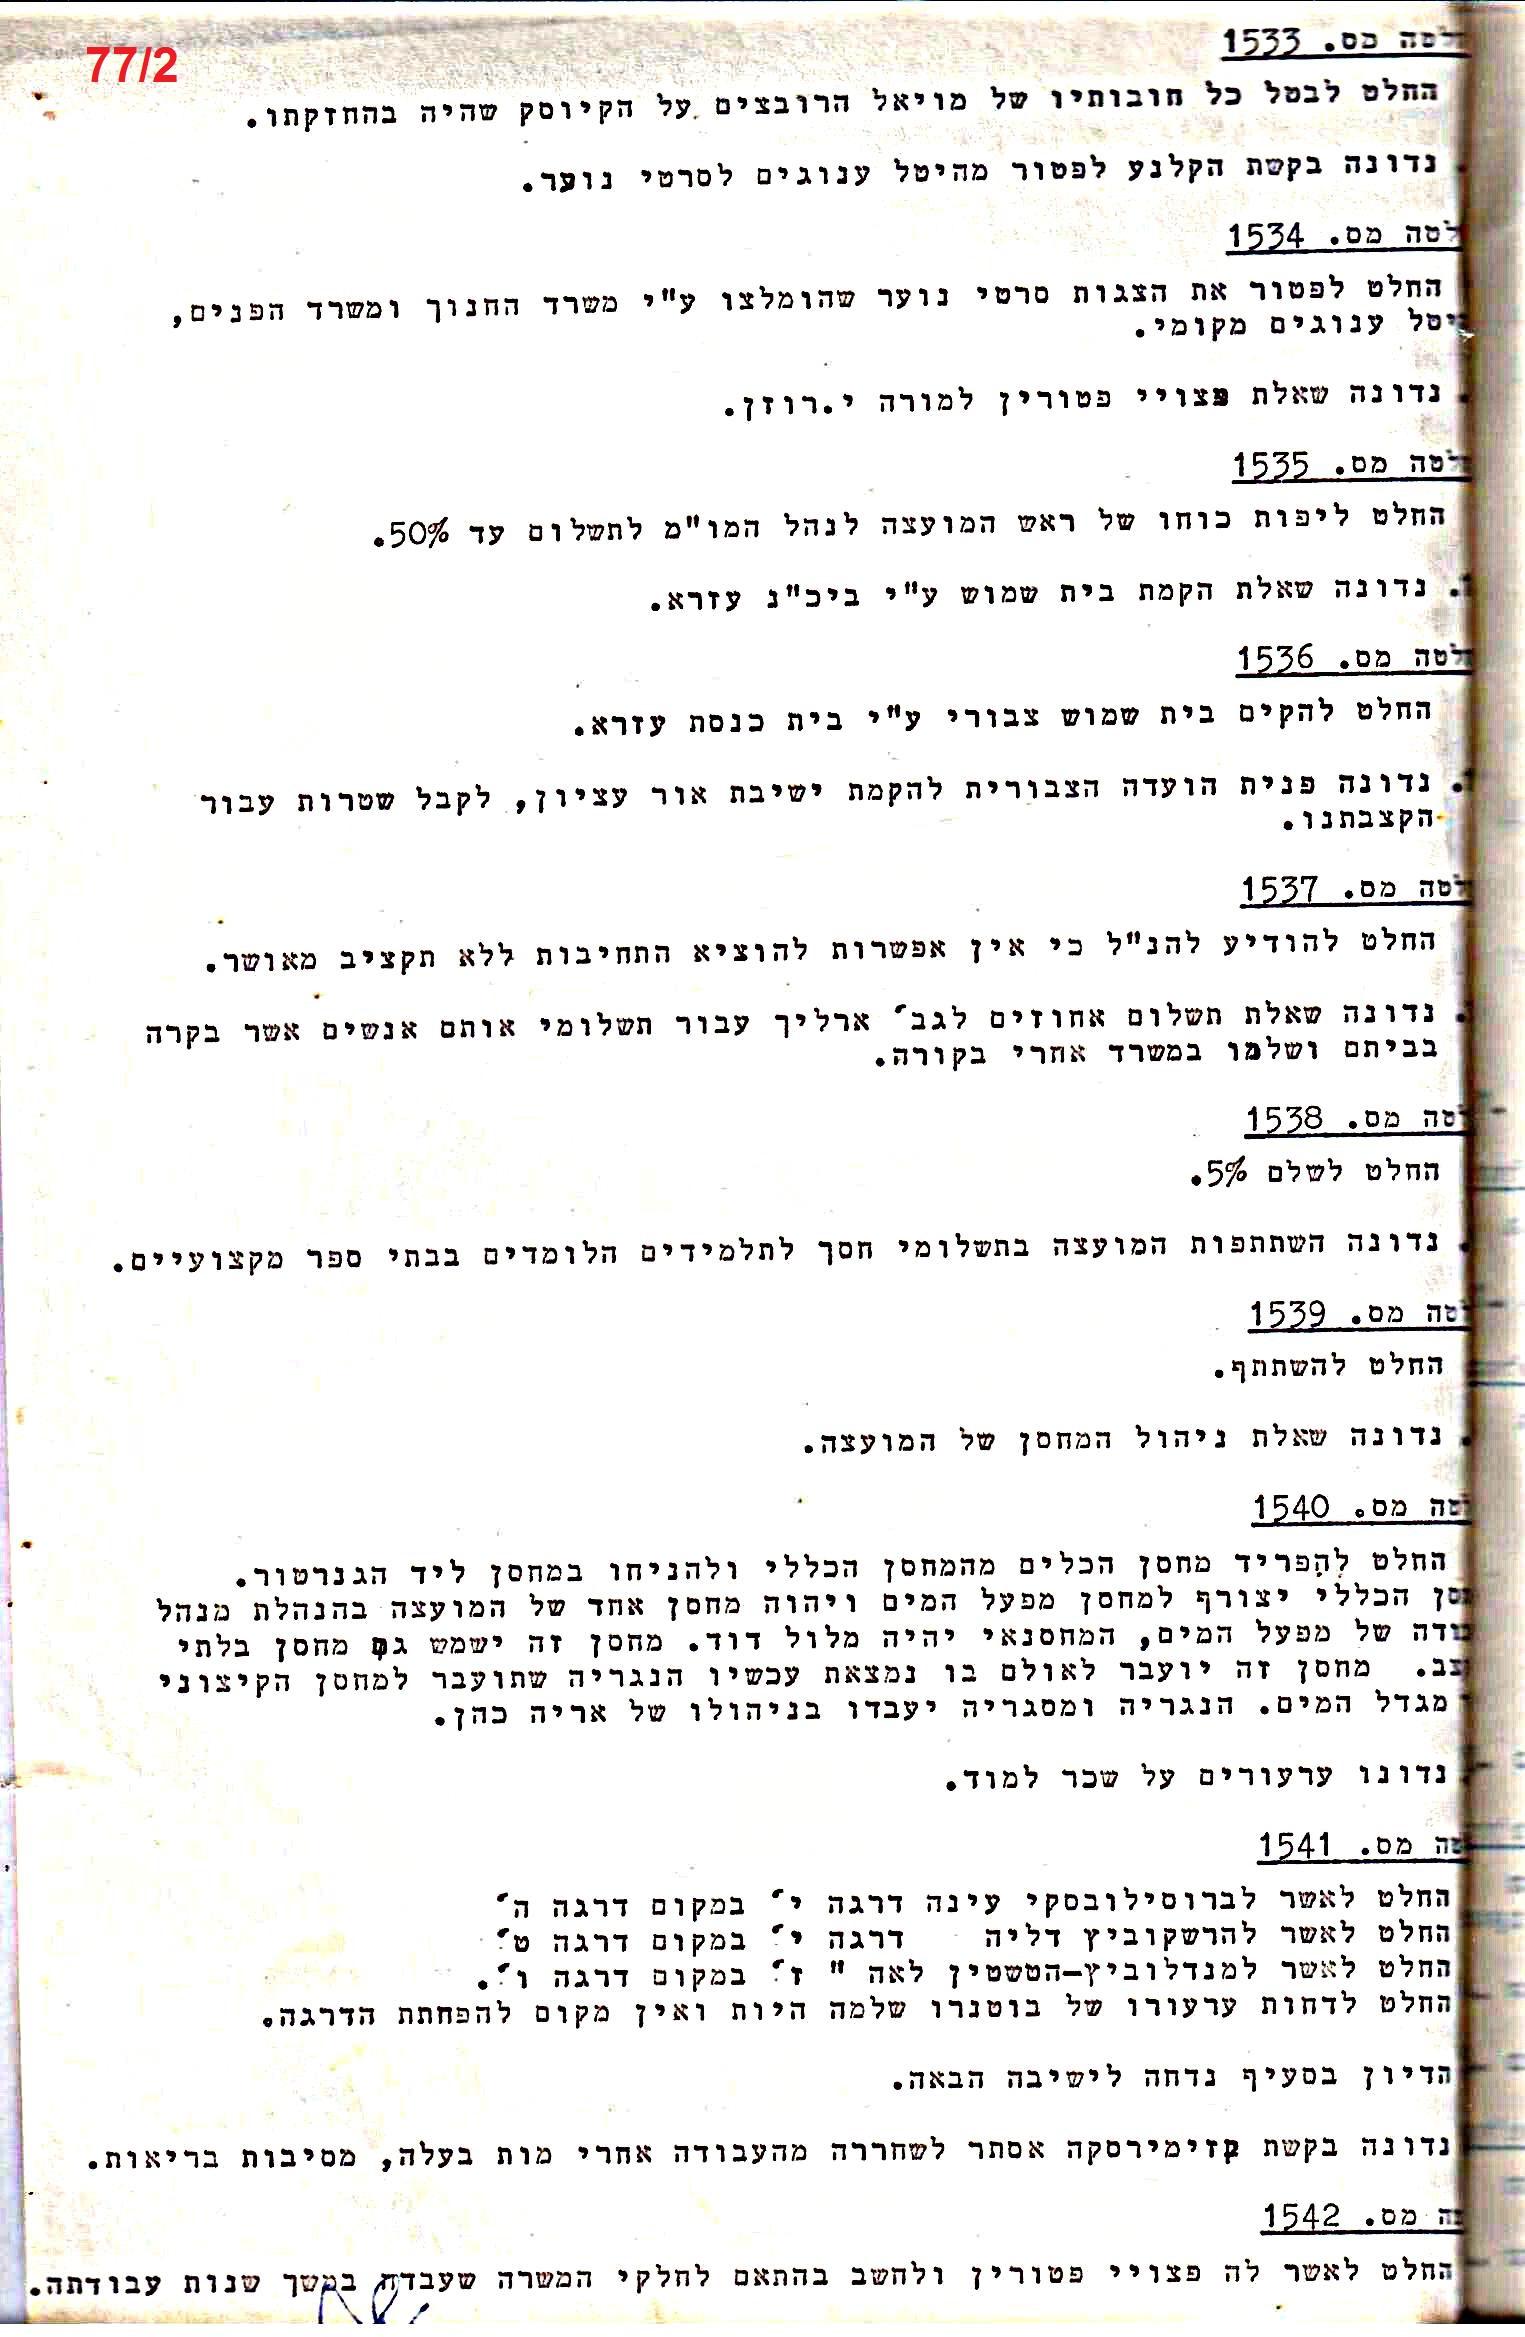 פרוטוקולים 8 – הנהלה – 31.12.62 – 21.12.59 by riki deri - Illustrated by  מוזיאון בית גרושקביץ / כרך 8 - Ourboox.com